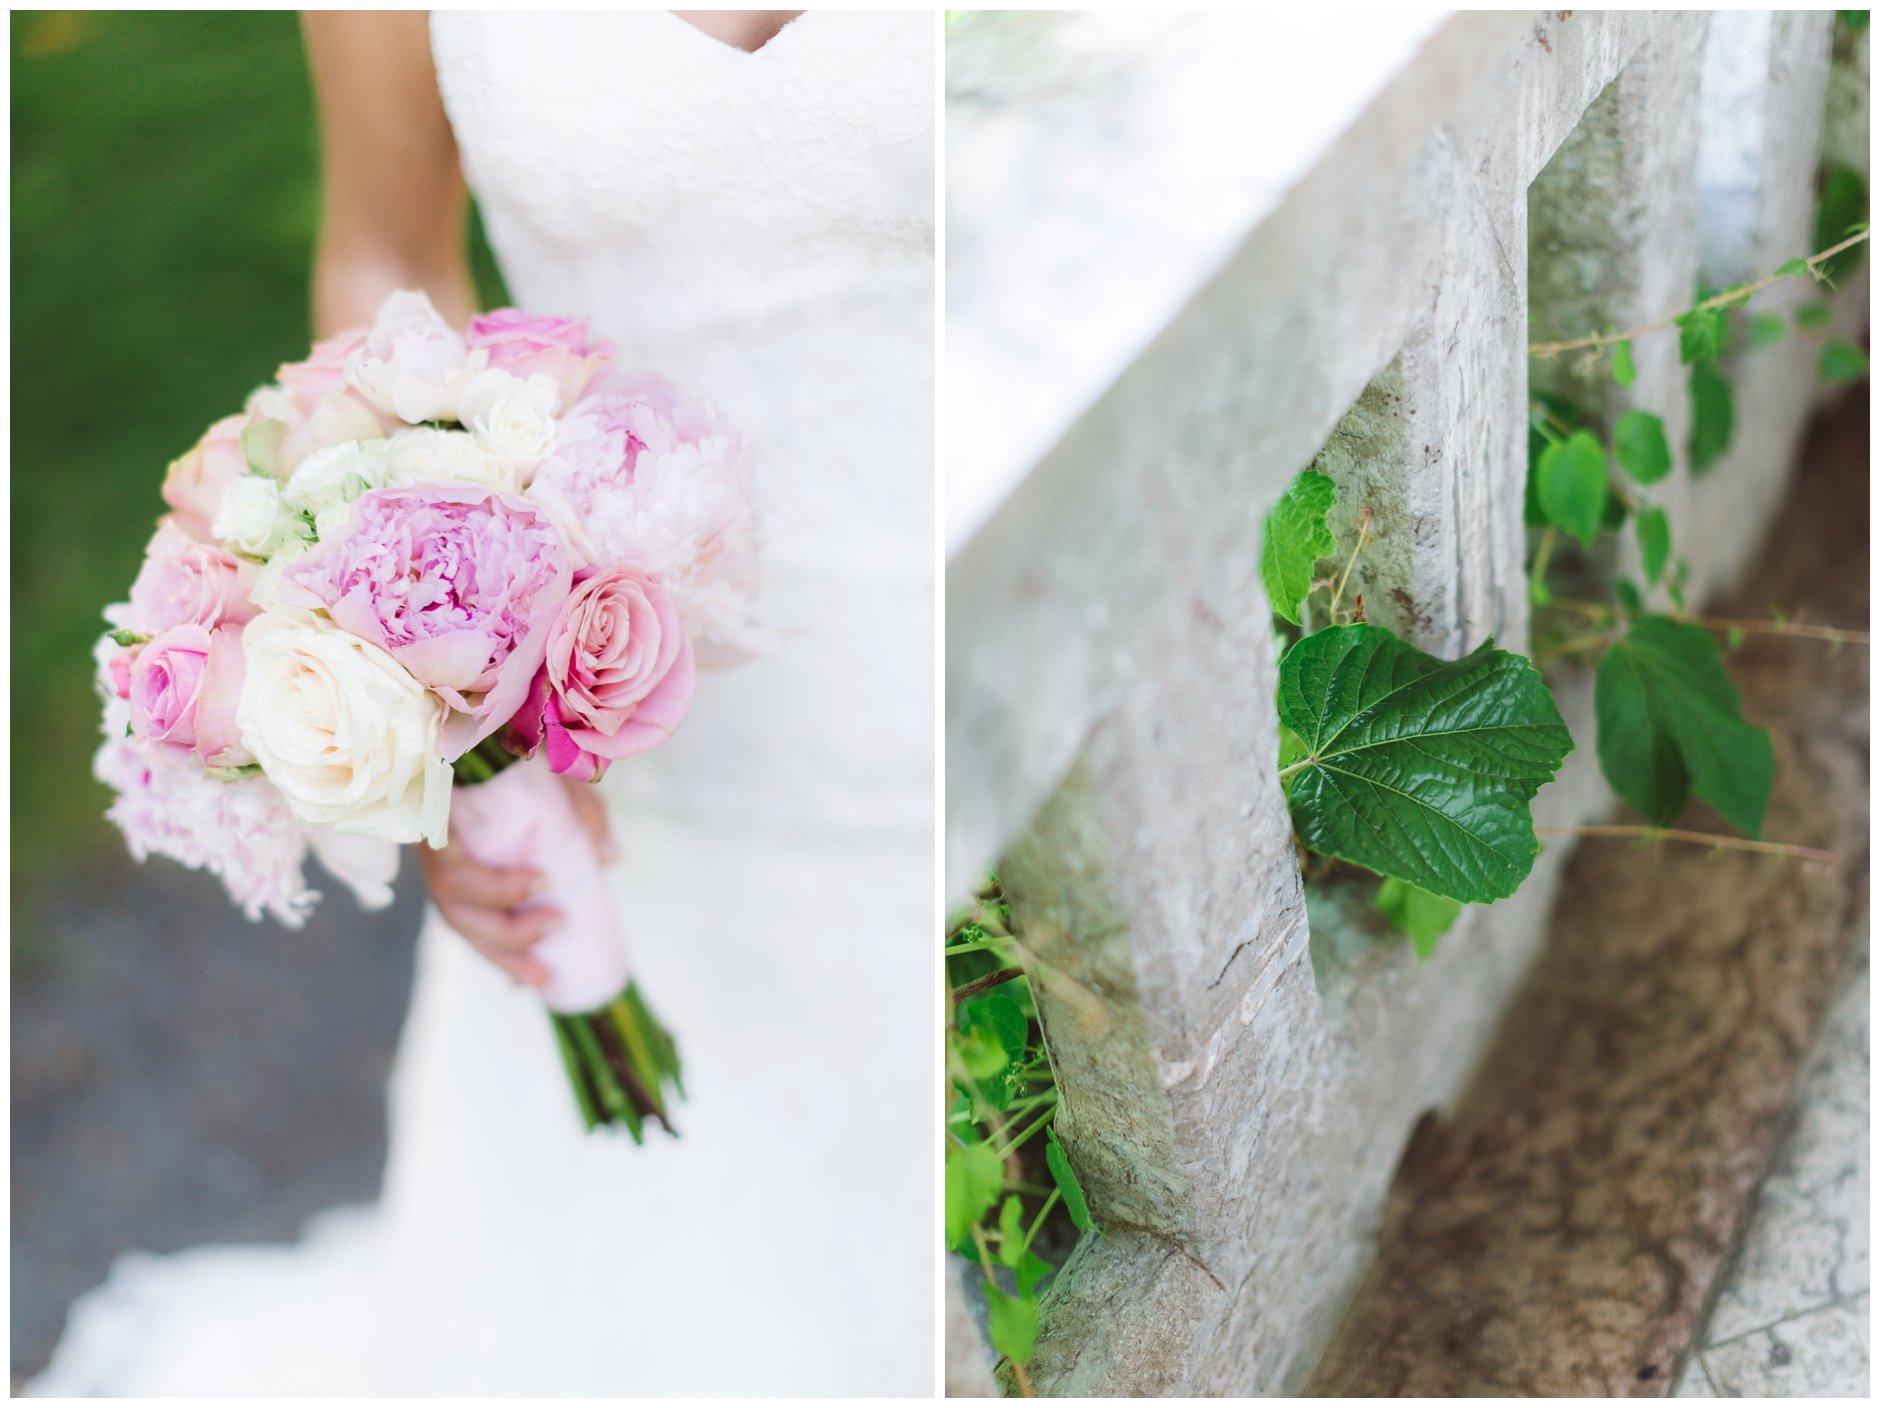 Fotograf-Eline-Jacobine-Bryllupsbilder-detaljer-Ullern-Vækerøparken-brudebukett-pudderrosa-peoner-roser-eføy